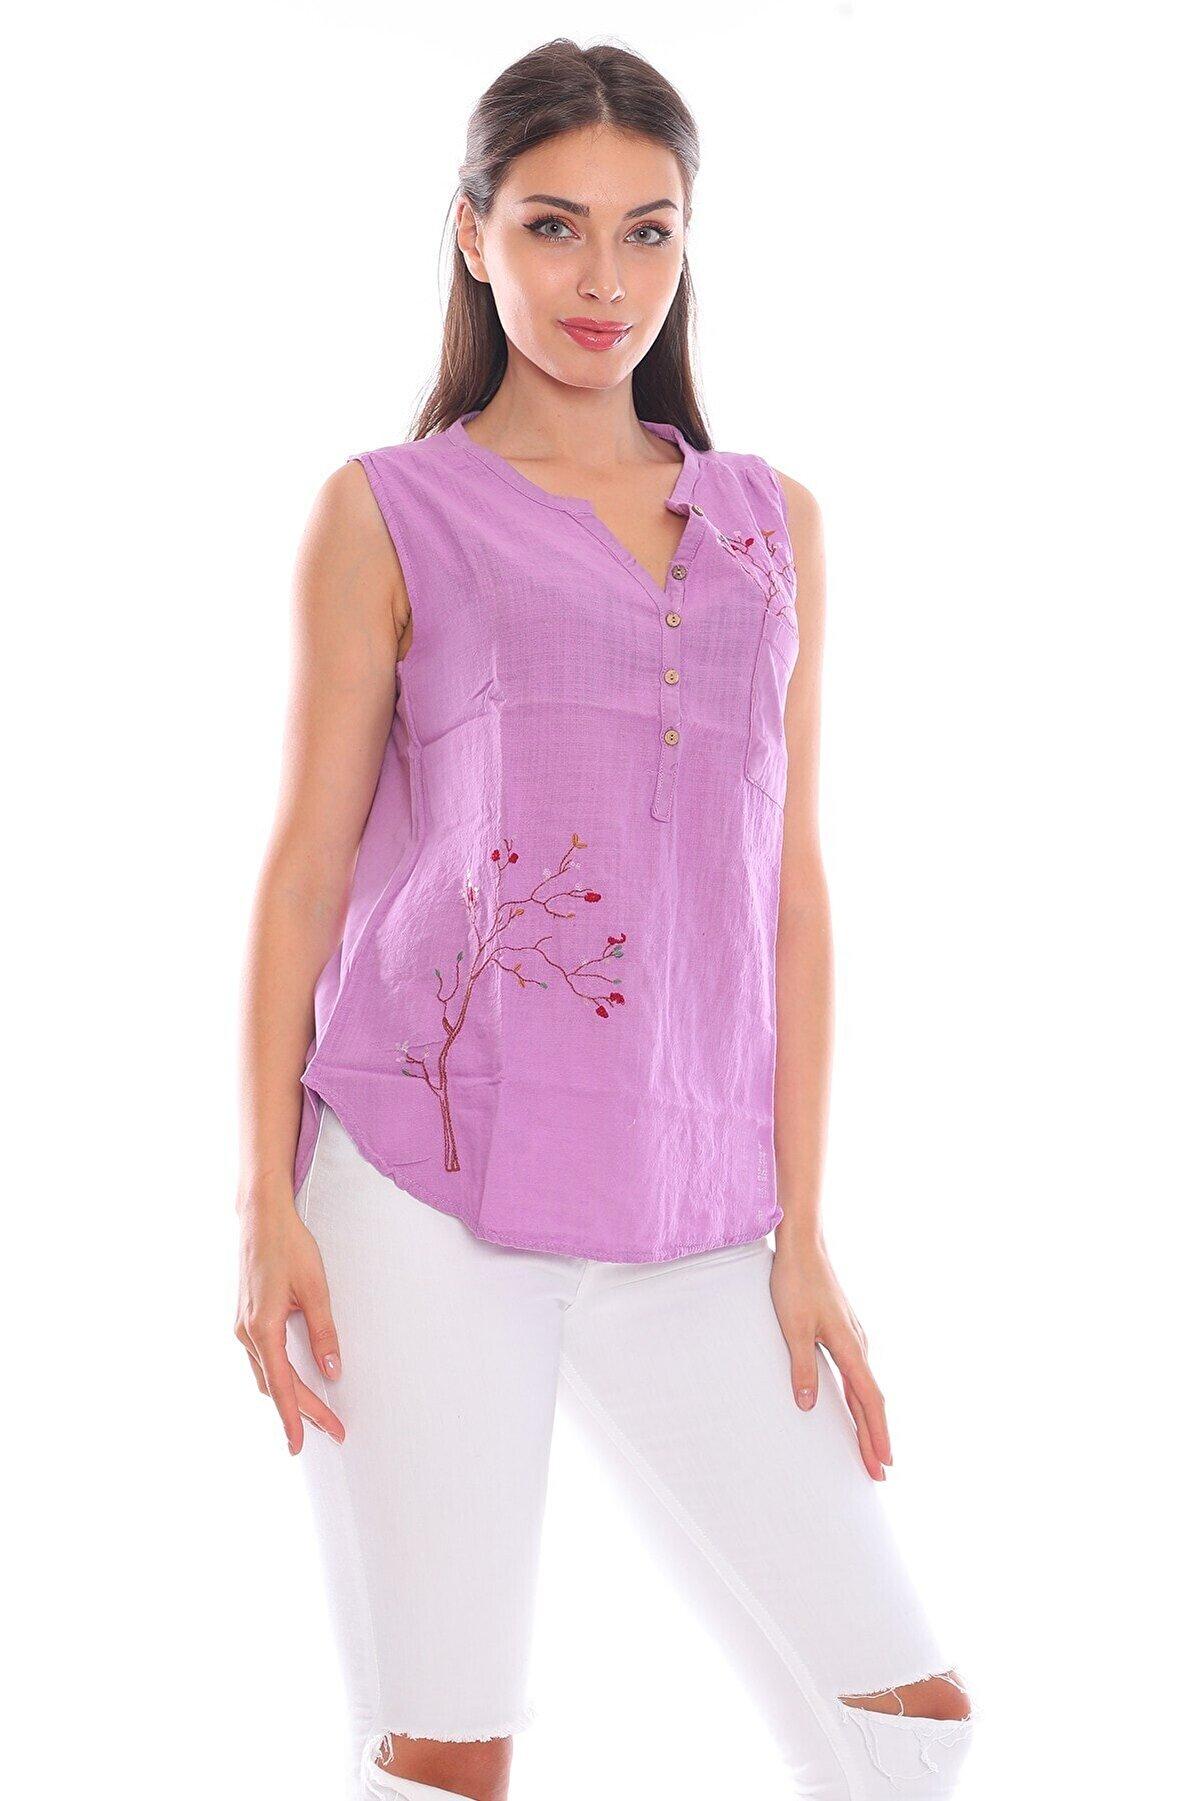 Alışveriş Sokağı Çiçek Işlemeli Etnik Tasarım Viskos Kumaş Bluz